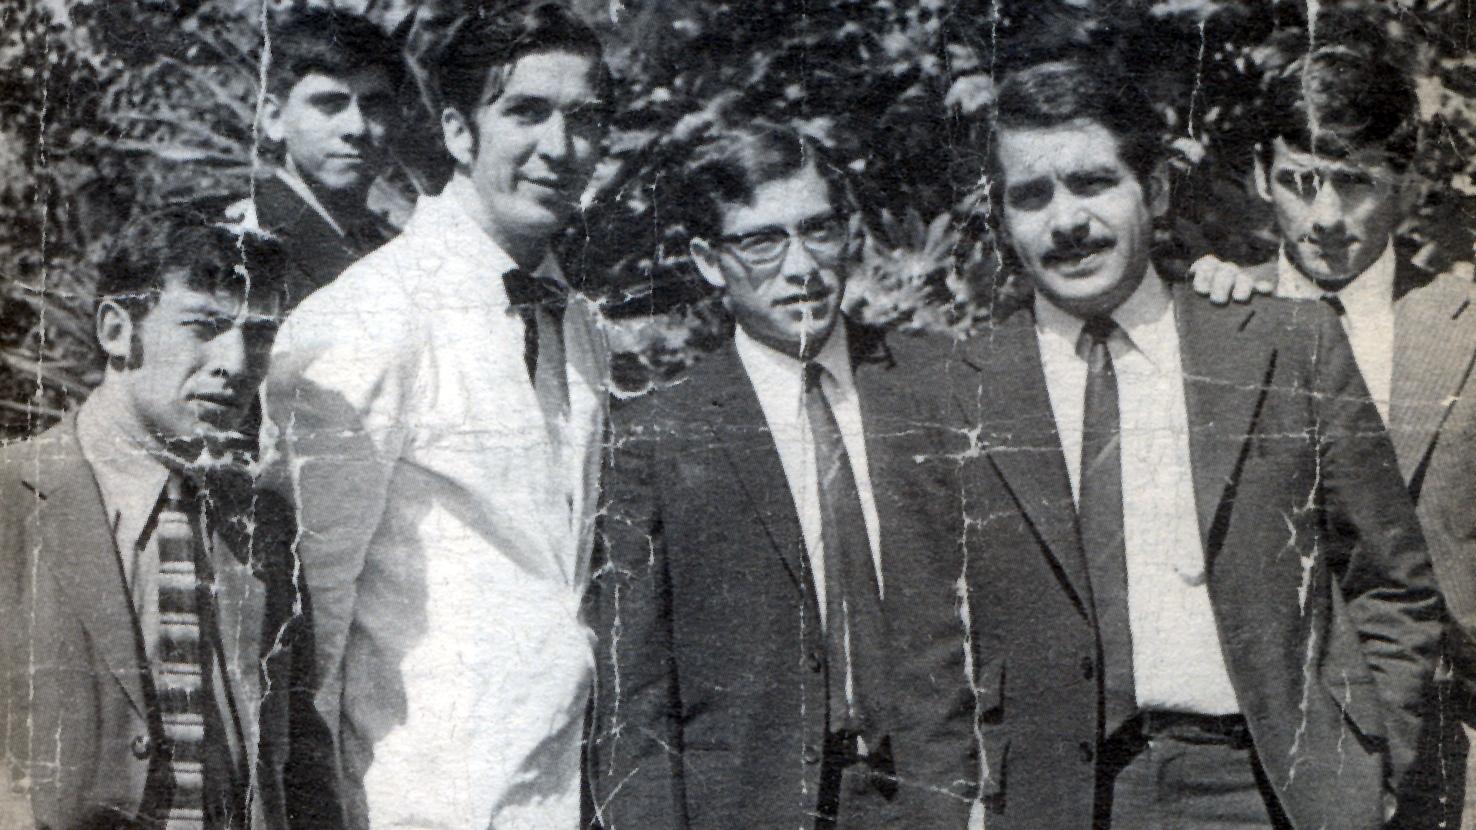 De Izq. a der. José Díaz, Enrique Valladares, Manuel Cortes Joo, Fernando Chavez y Jorge Ravanal. Archivo de Patricio Quiroga.